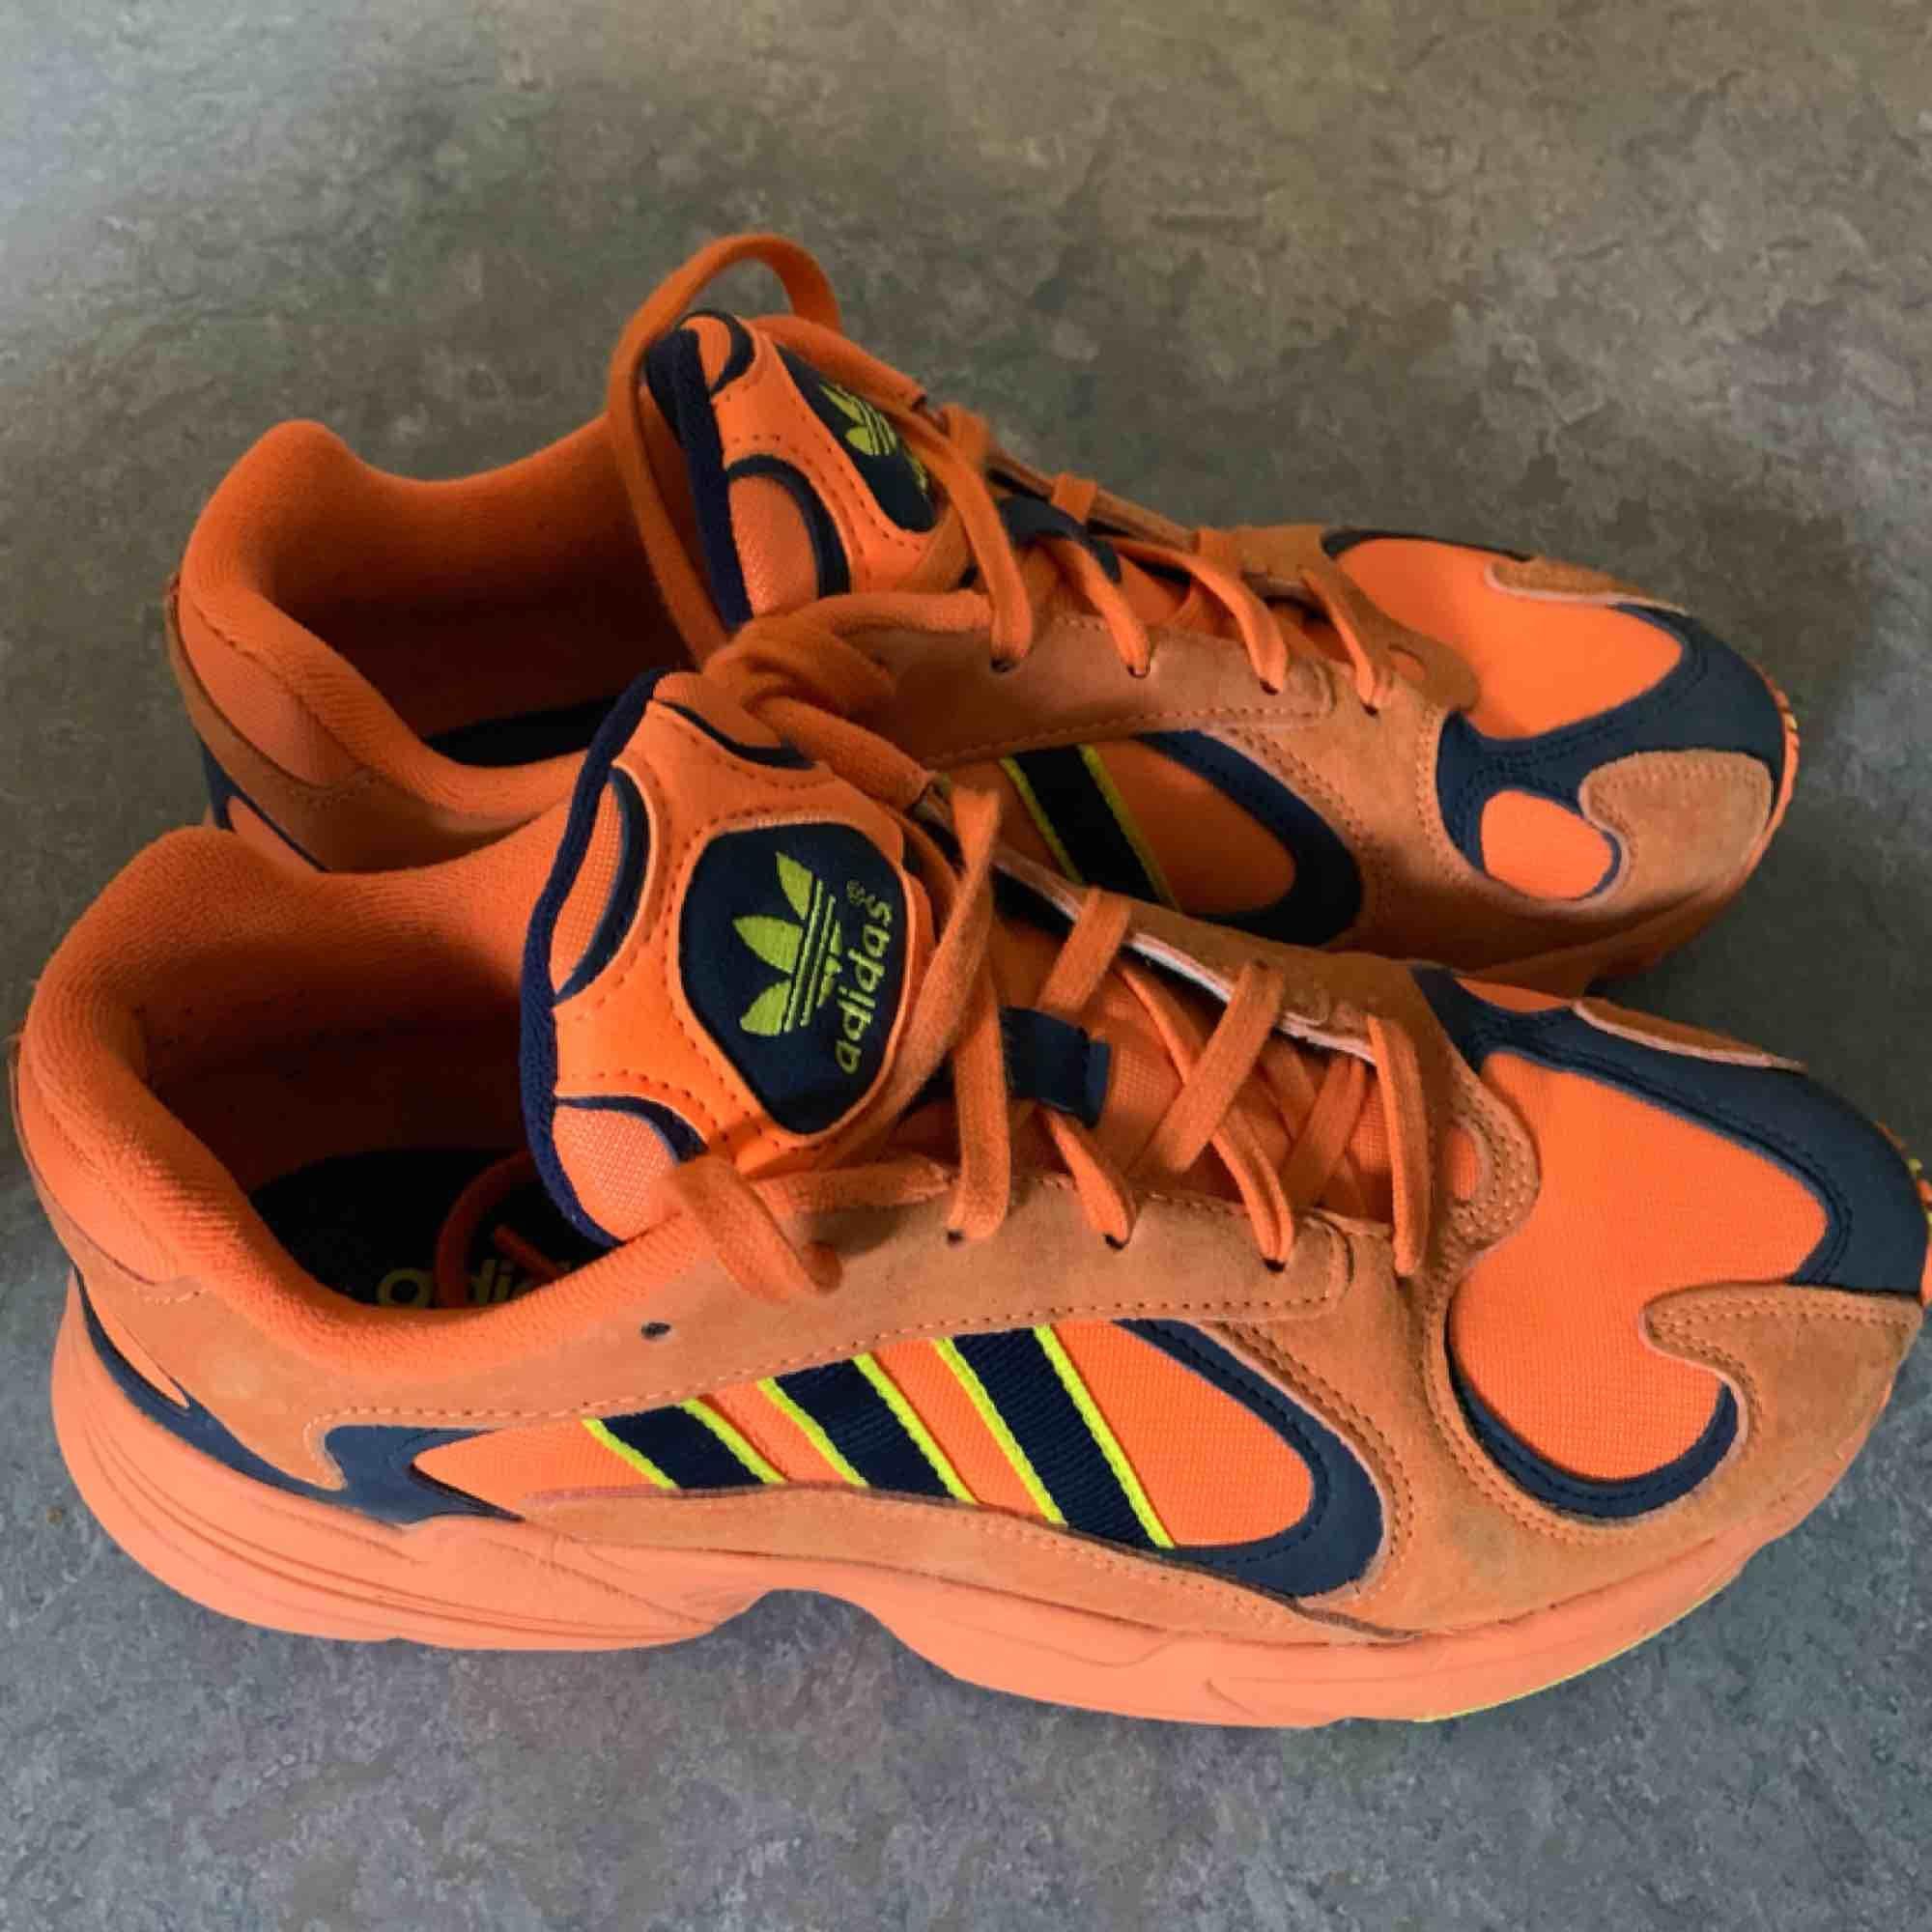 Adidas yung-1 sneakers. Använda 2 gånger så gott som nya. Säljes pga att de är lite för stora för mig.  Mycket bekväma!  Finns att hämta i spånga alternativt frakt.  Nypris 1199kr.. Skor.